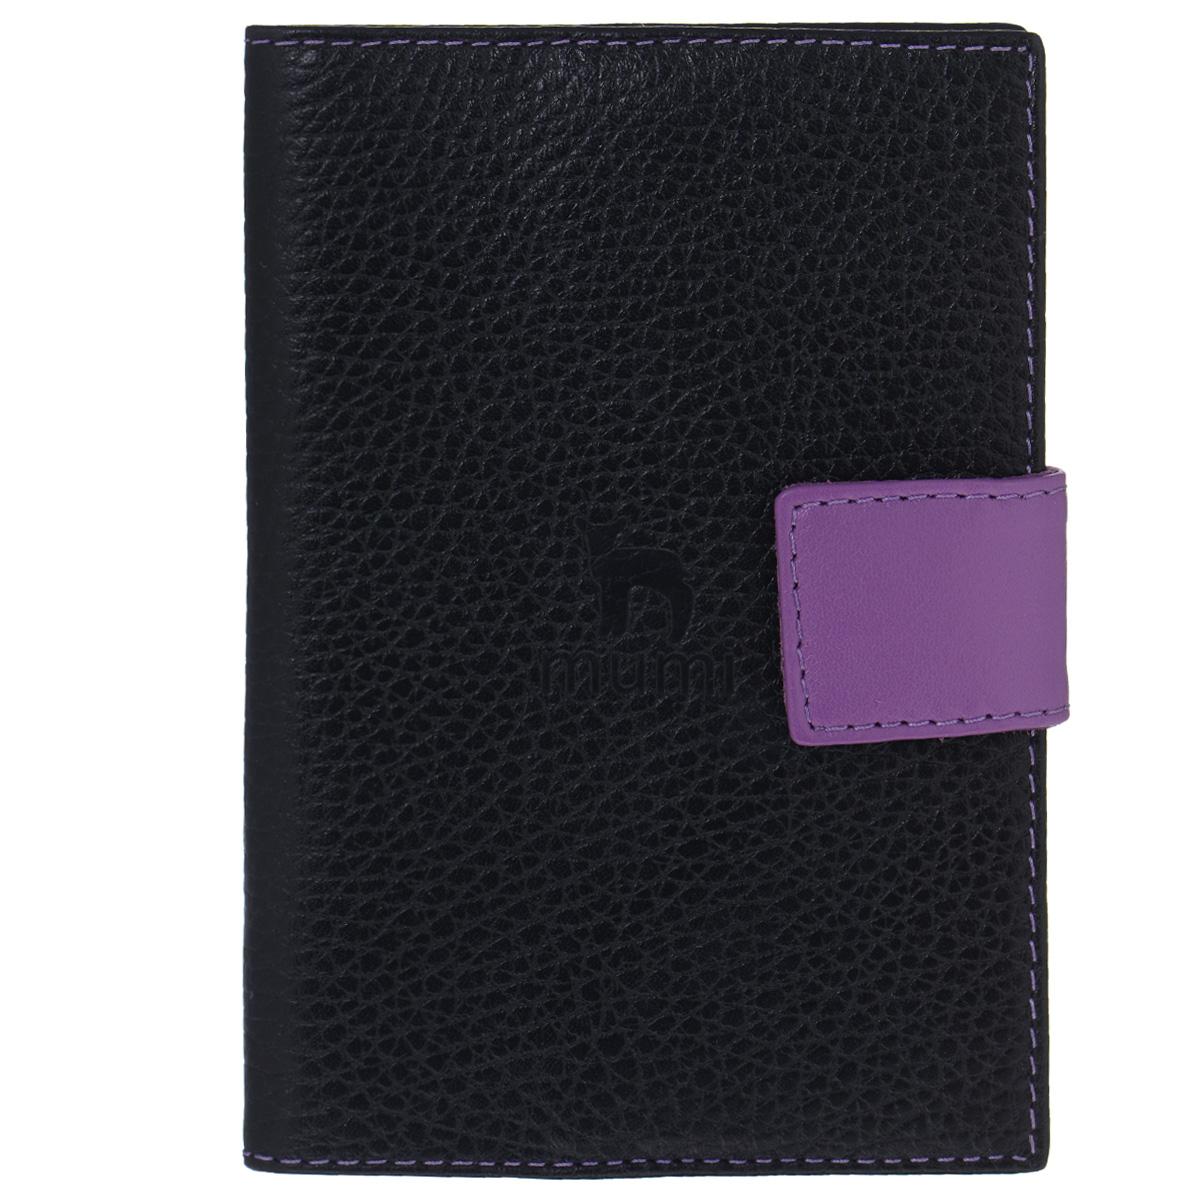 Обложка для паспорта Dimanche Mumi, цвет: черный, фиолетовый. 050050Изысканная обложка для паспорта Dimanche Mumi изготовлена из высококачественной натуральной кожи и декорирована фактурным тиснением. Изделие закрывается хлястиком на кнопку. Внутри обложка отделана полиэстером и содержит три боковых кармана, которые надежно зафиксируют ваш документ.Изделие упаковано в пластиковый чехол.Модная обложка для паспорта не только поможет сохранить внешний вид вашего документа и защитить его от повреждений, но и станет стильным аксессуаром, который прекрасно дополнит ваш образ.